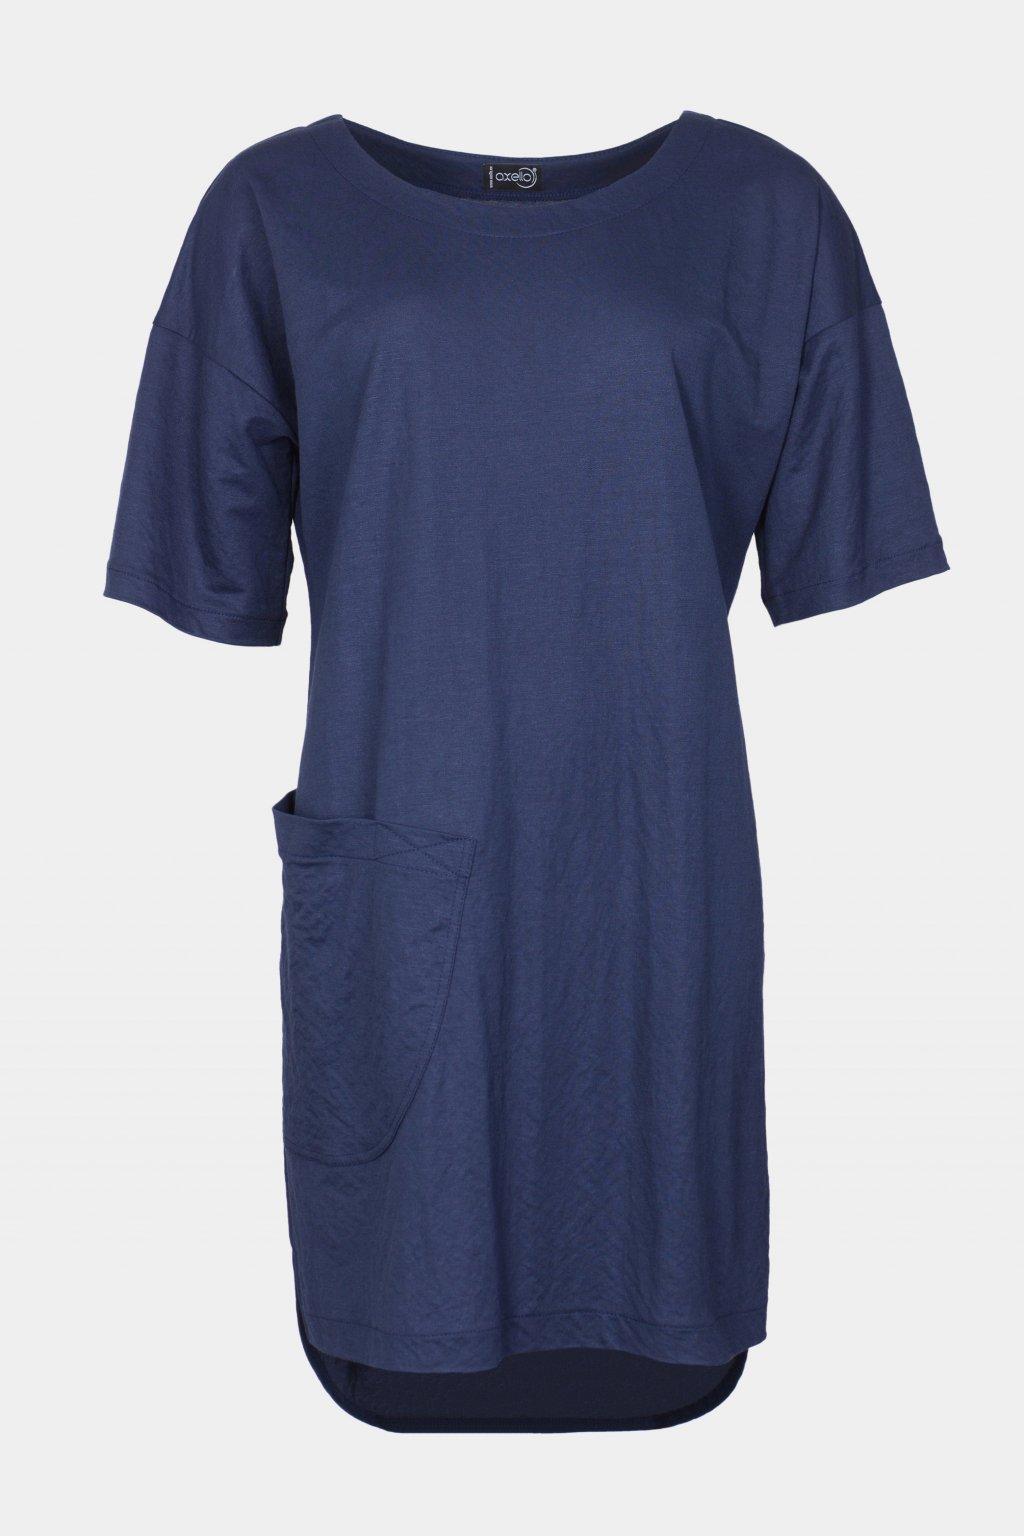 Šaty modré 28012